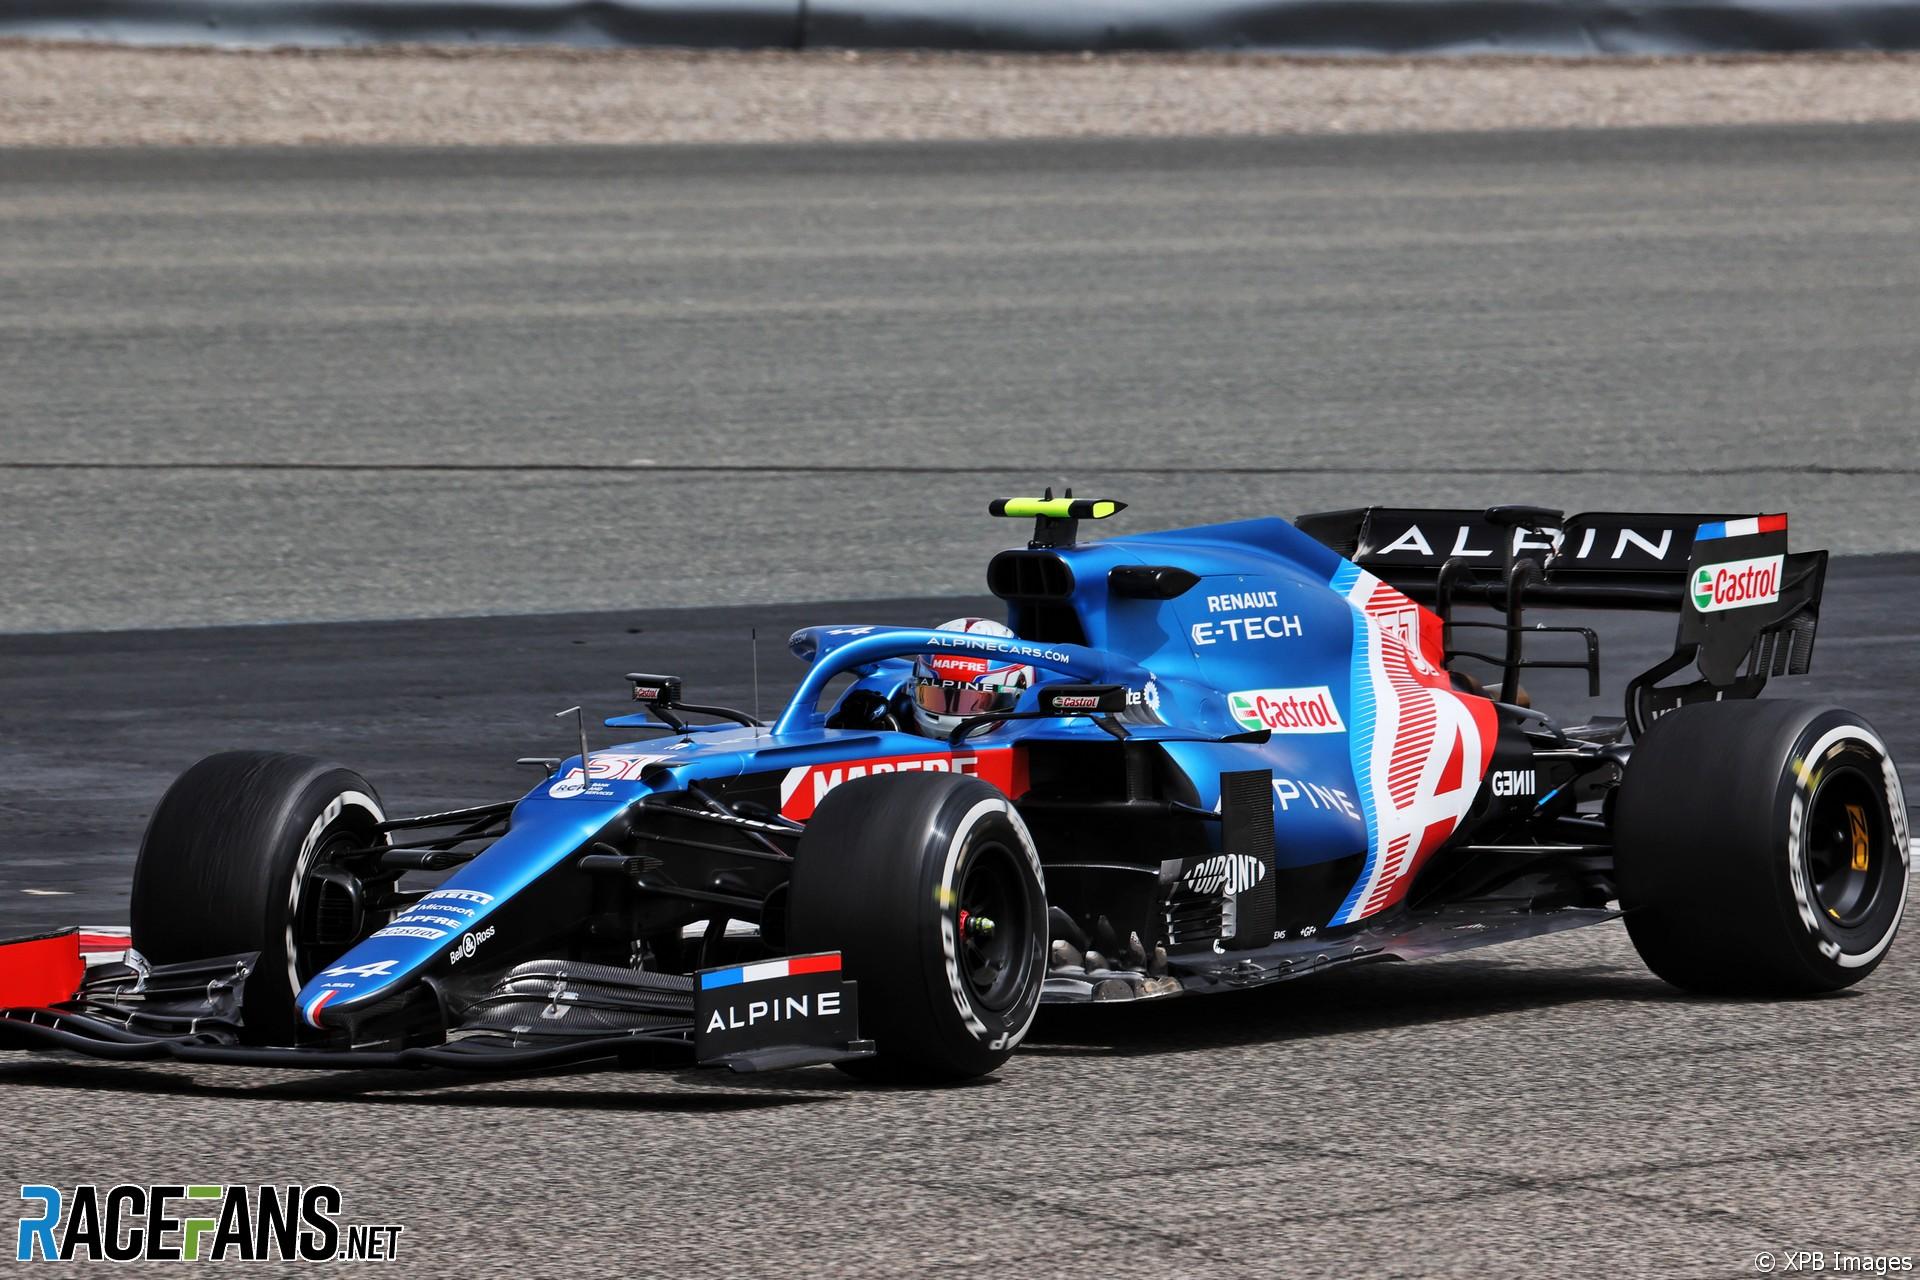 Esteban Ocon, Alpine, Circuito Internacional de Baréin, 2021